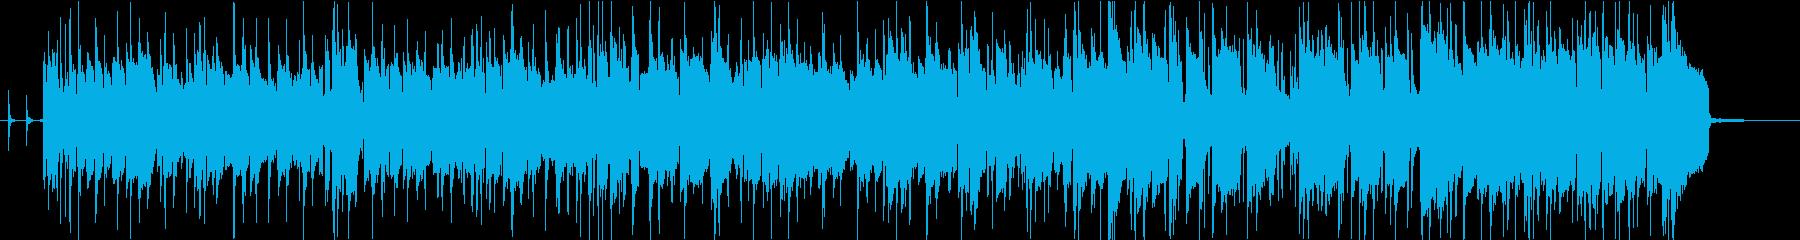 ベースゴリゴリのFUNKバンドジングルの再生済みの波形